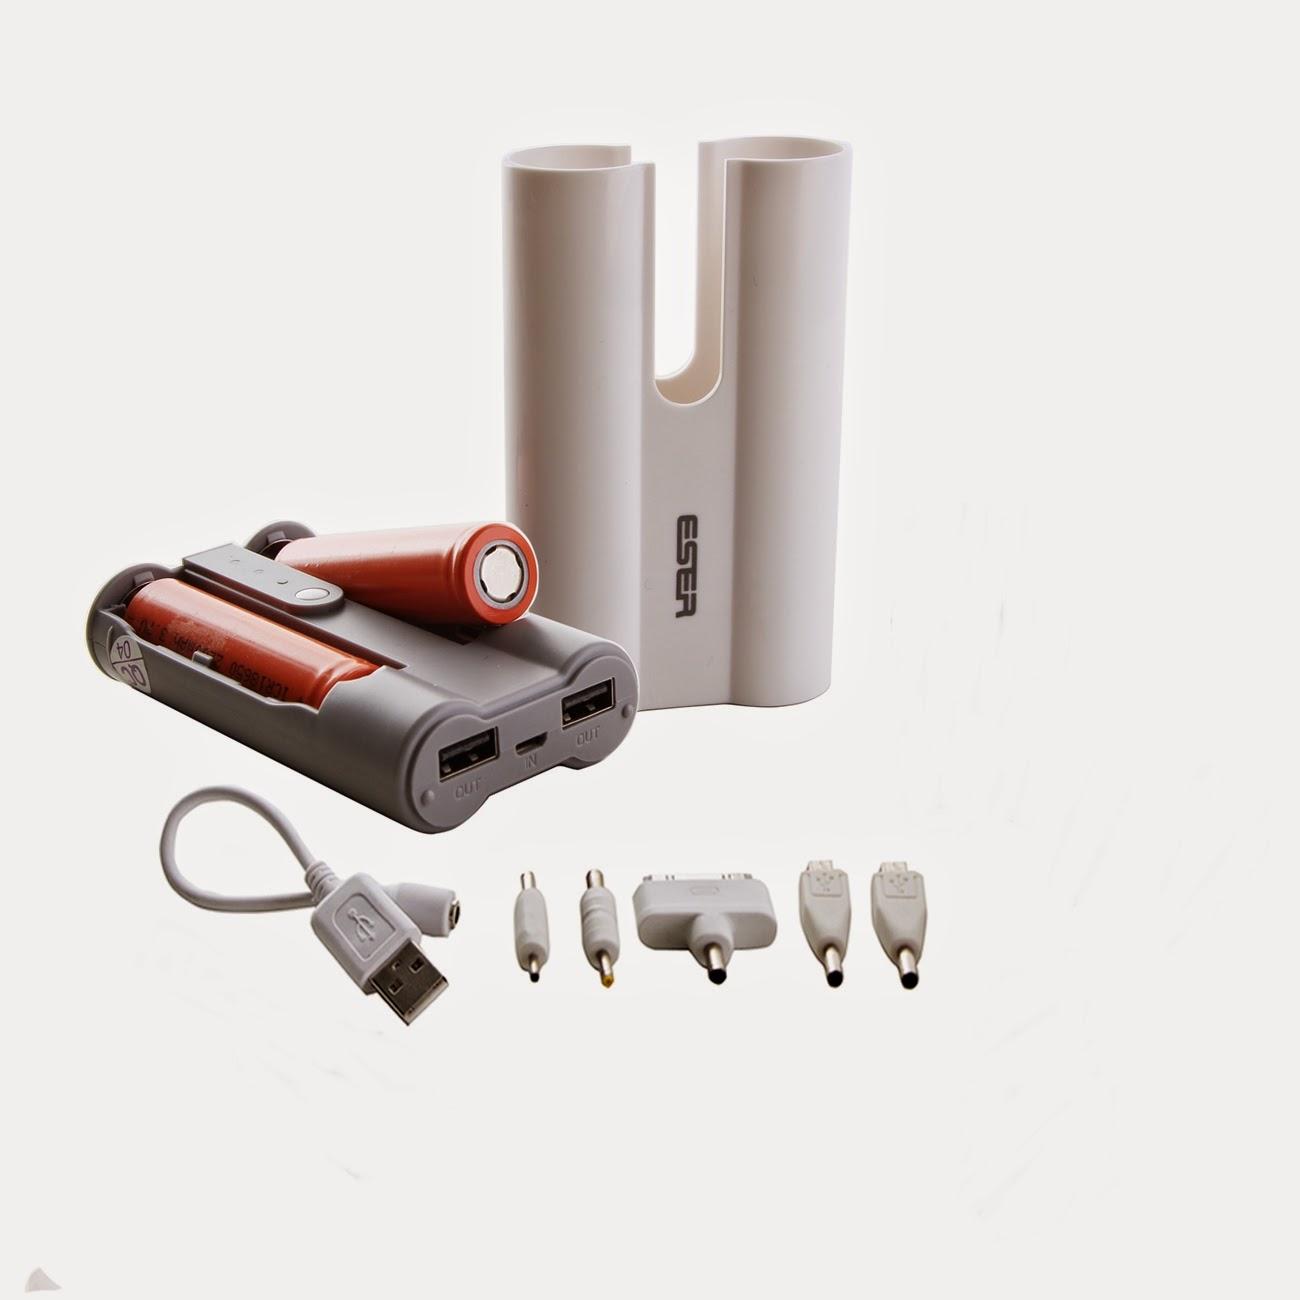 Power Bank Eser 2 Output (Baterai bisa diganti)